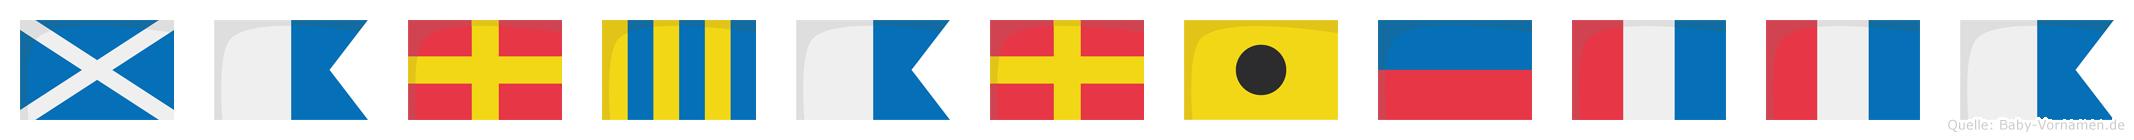 Margarietta im Flaggenalphabet